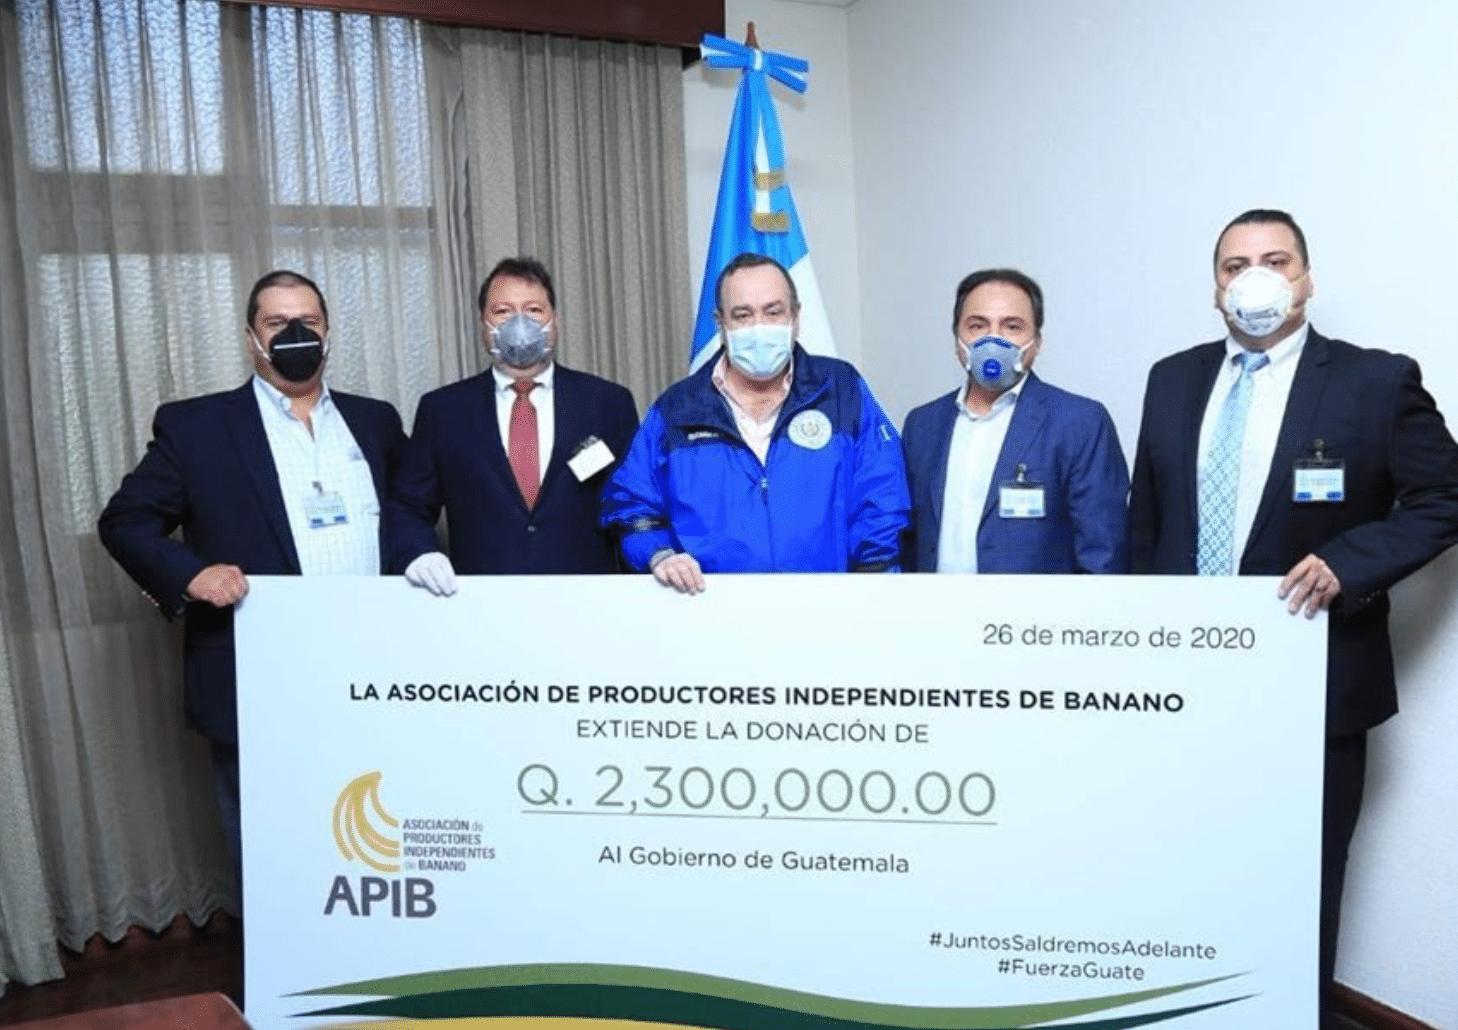 Foto_2_Donación_APIB